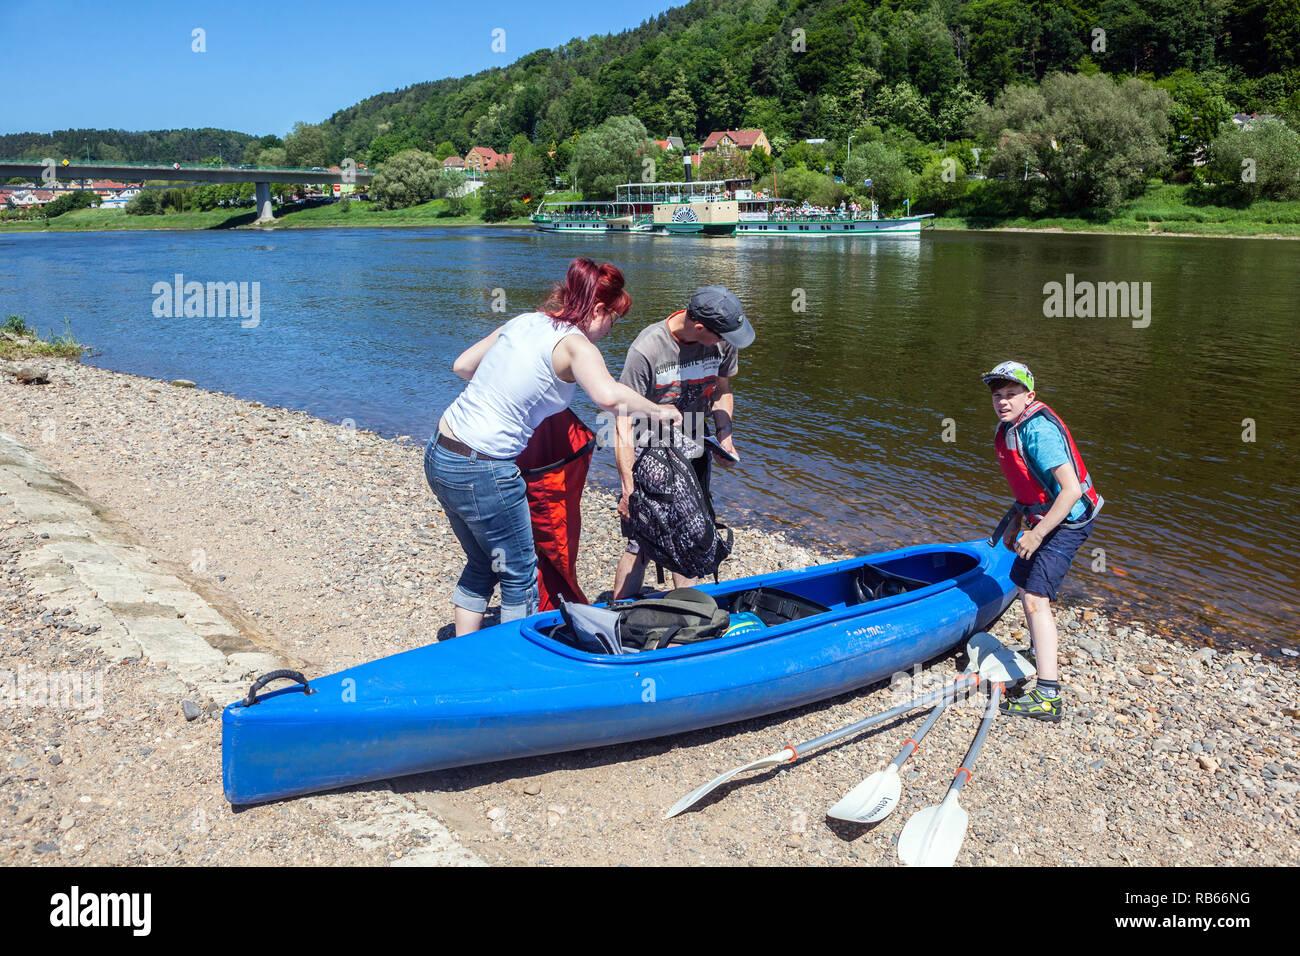 Le persone attive, famiglia canoa fiume Elba vicino a Bad Schandau, Sassonia Germania Immagini Stock